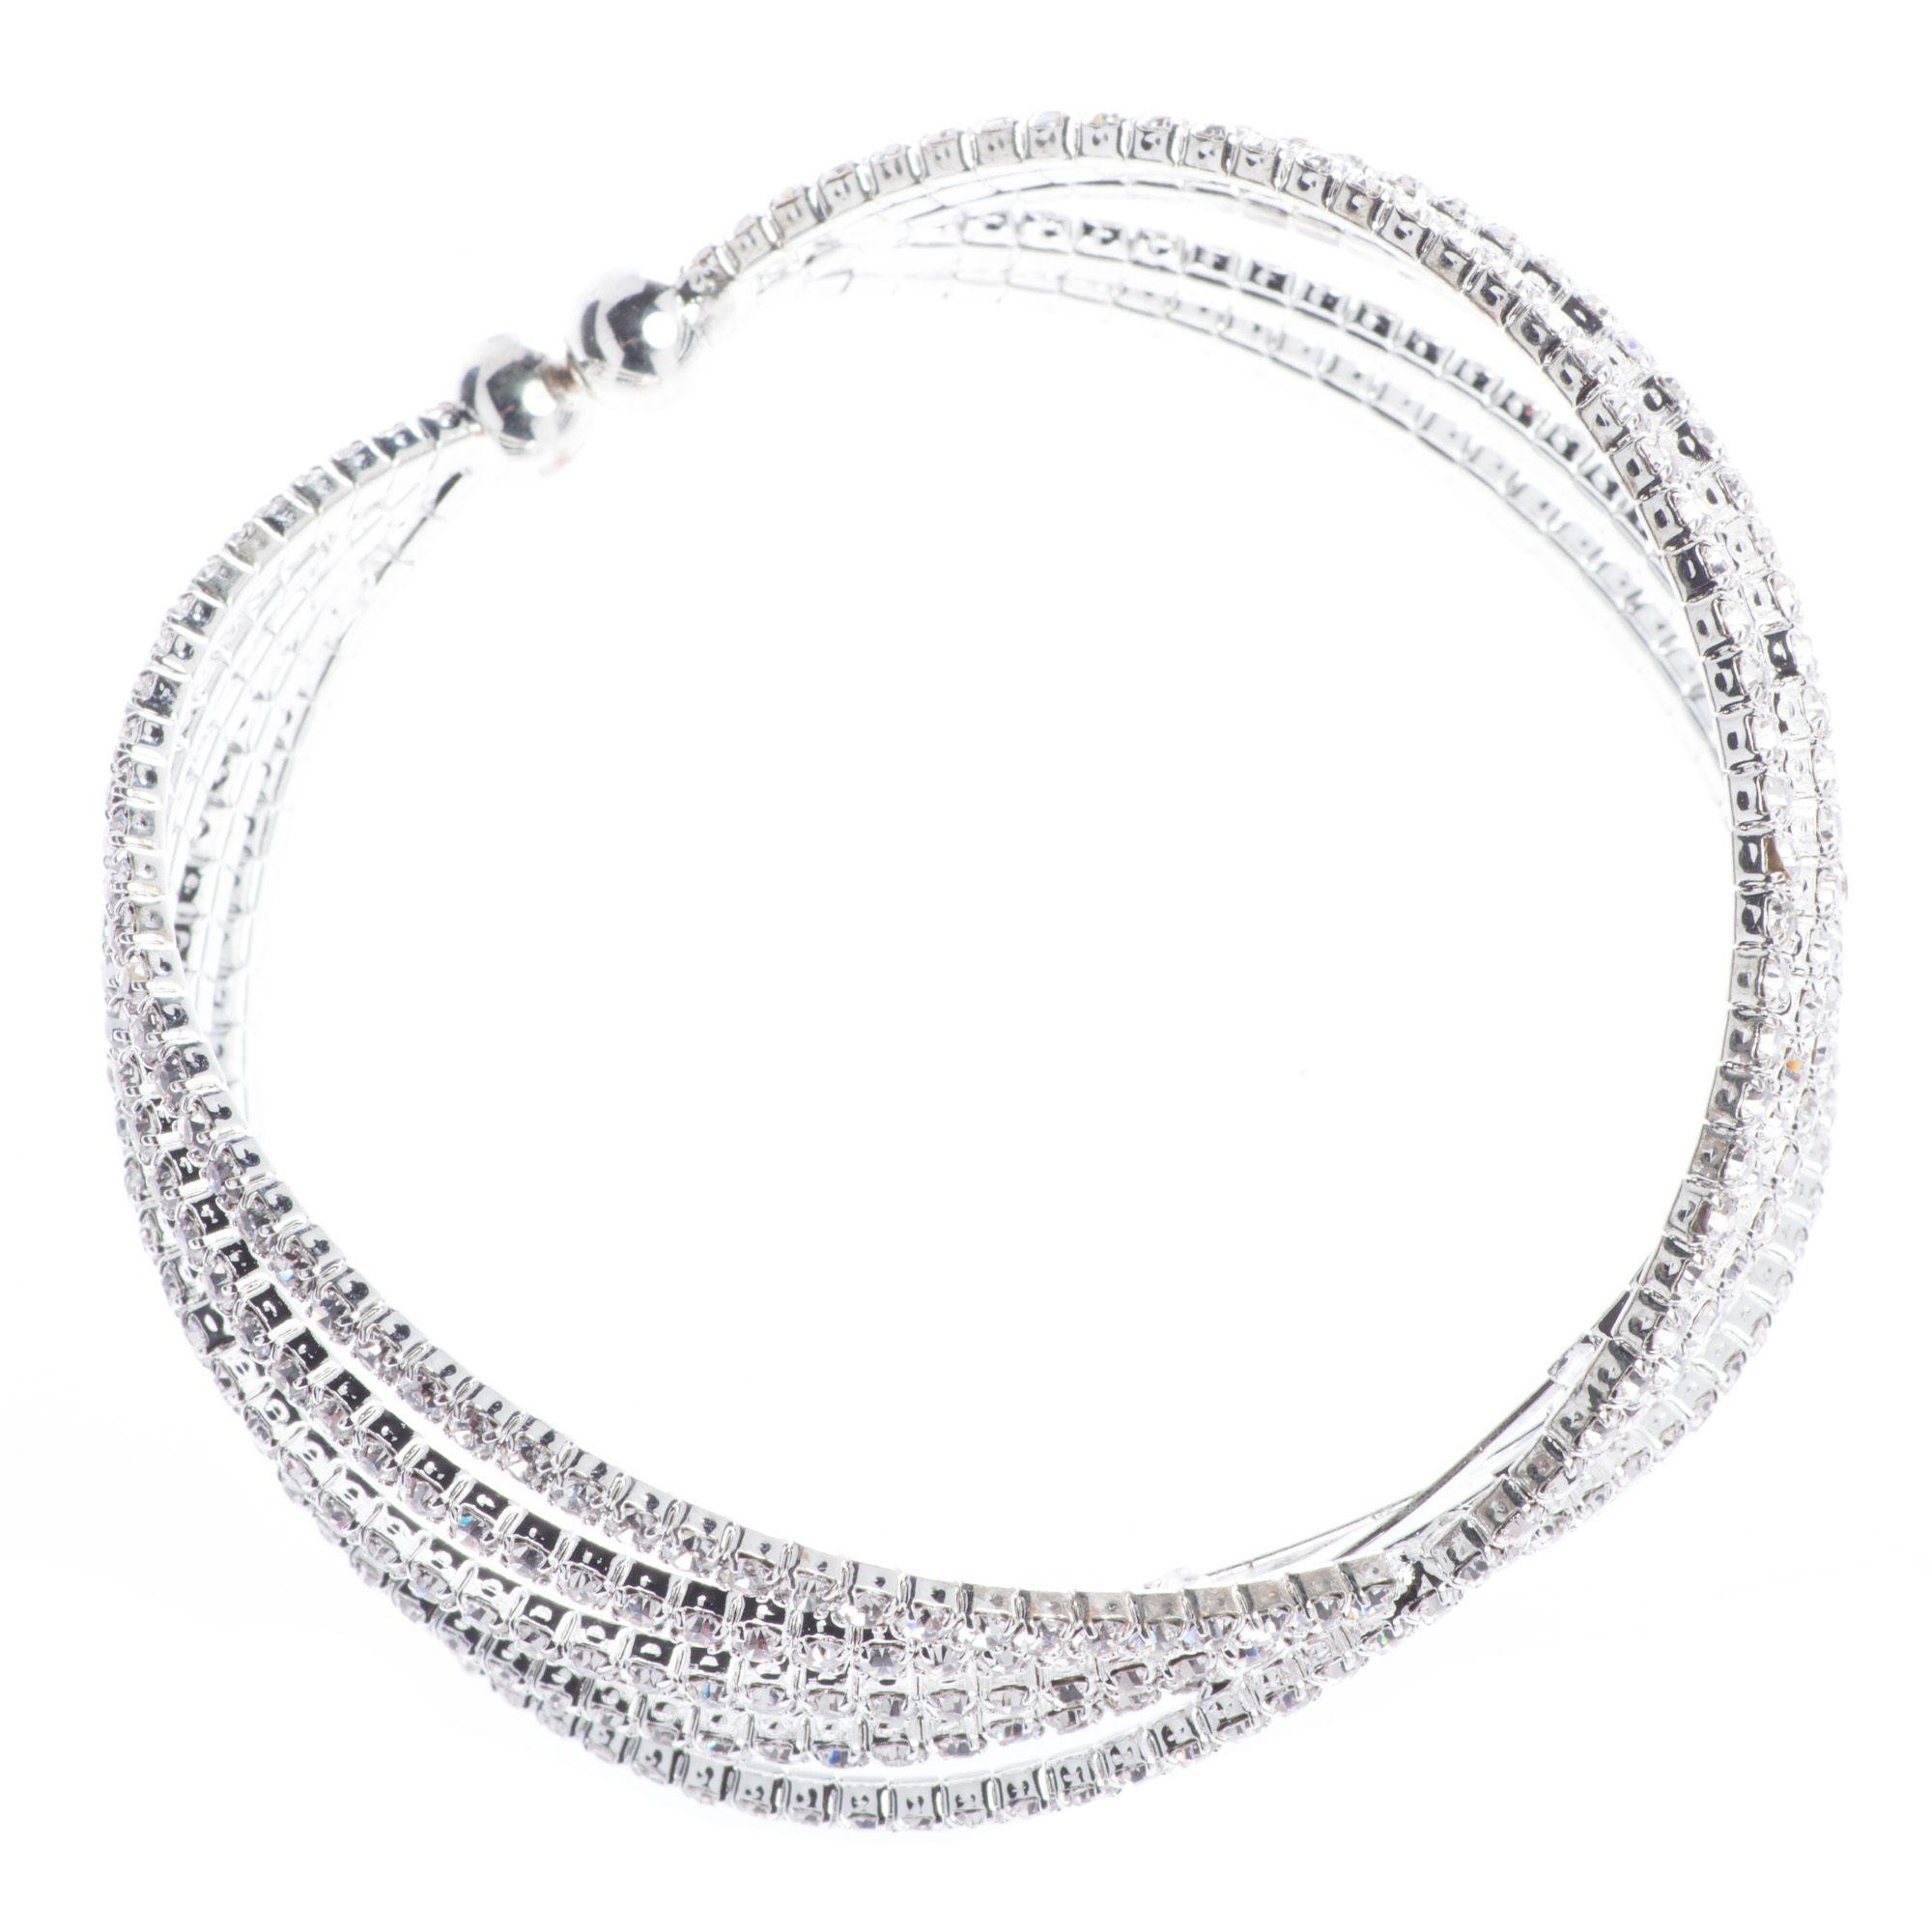 Jubilee Bracelet Multiple X Helix Bands of Diamond